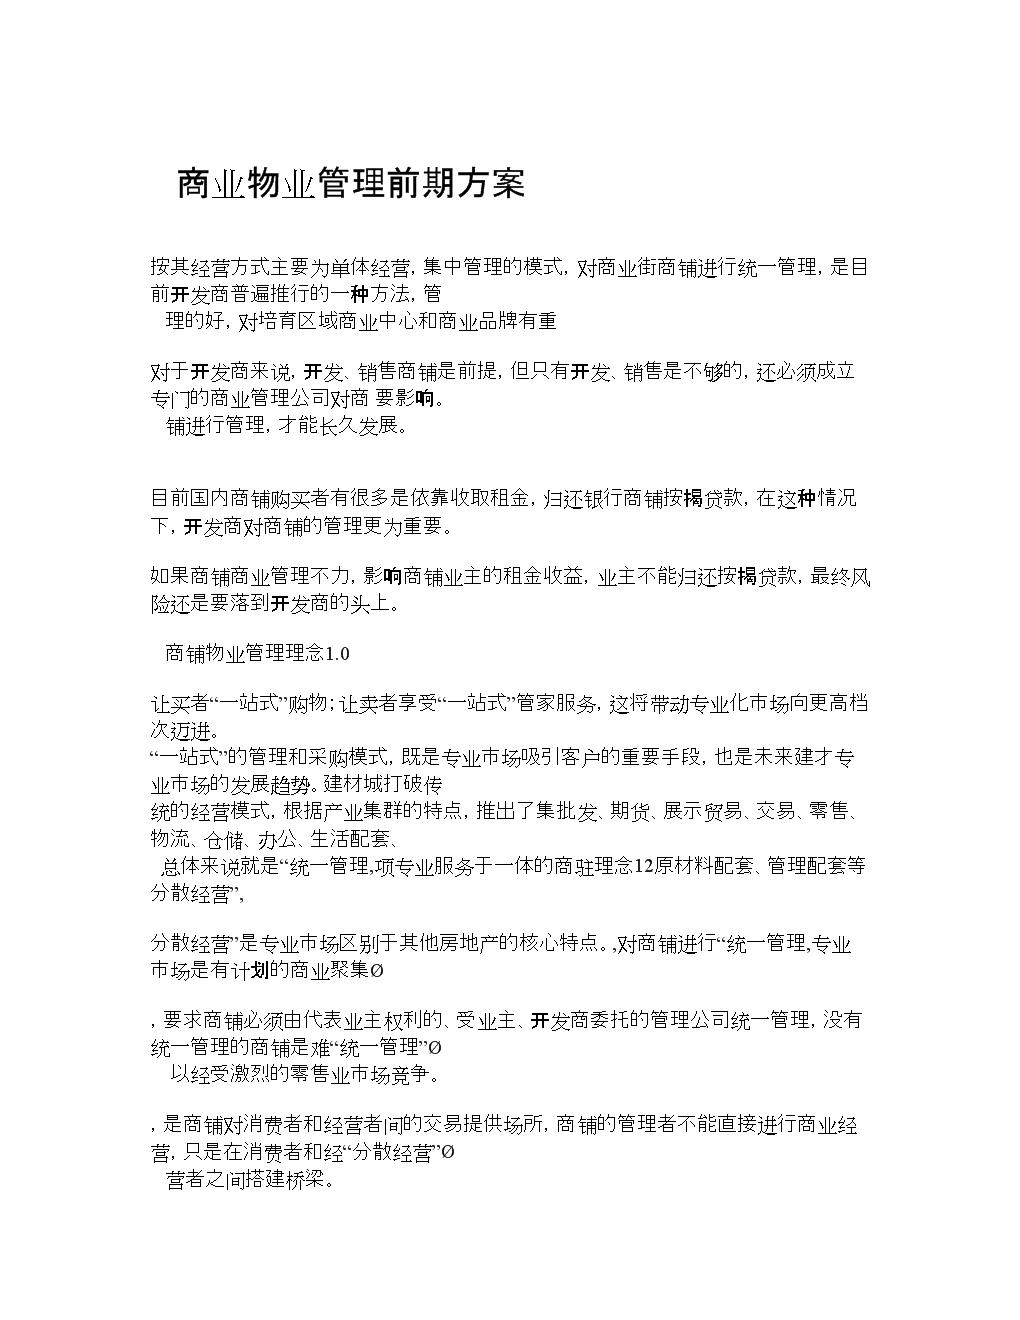 商业物业管理前期方案.doc